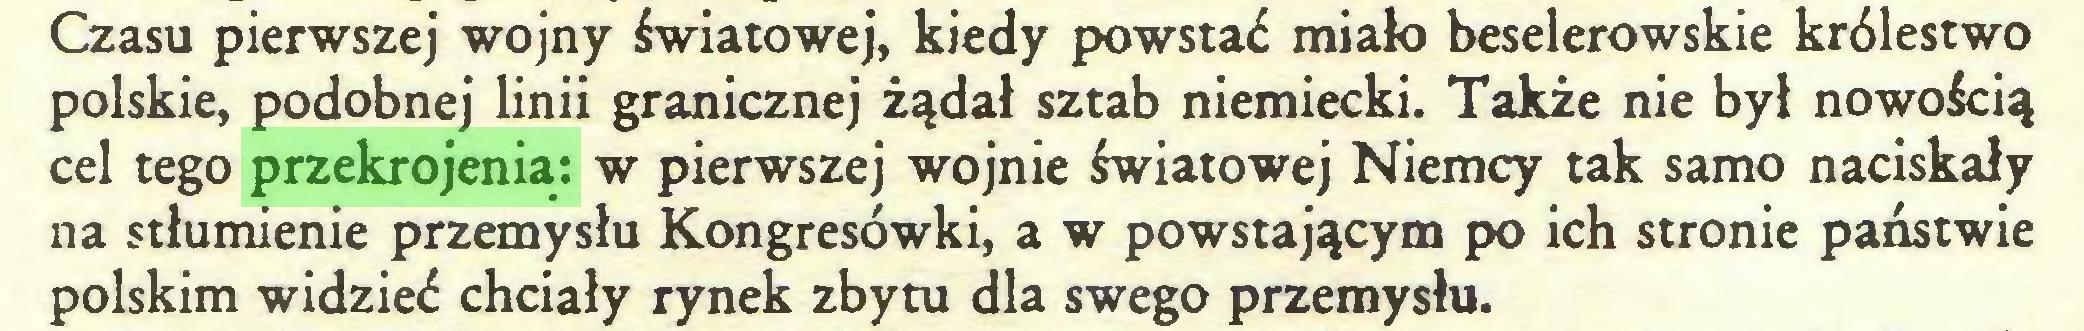 (...) Czasu pierwszej wojny światowej, kiedy powstać miało beselerowskie królestwo polskie, podobnej linii granicznej żądał sztab niemiecki. Także nie był nowością cel tego przekrojenia: w pierwszej wojnie światowej Niemcy tak samo naciskały na stłumienie przemysłu Kongresówki, a w powstającym po ich stronie państwie polskim widzieć chciały rynek zbytu dla swego przemysłu...